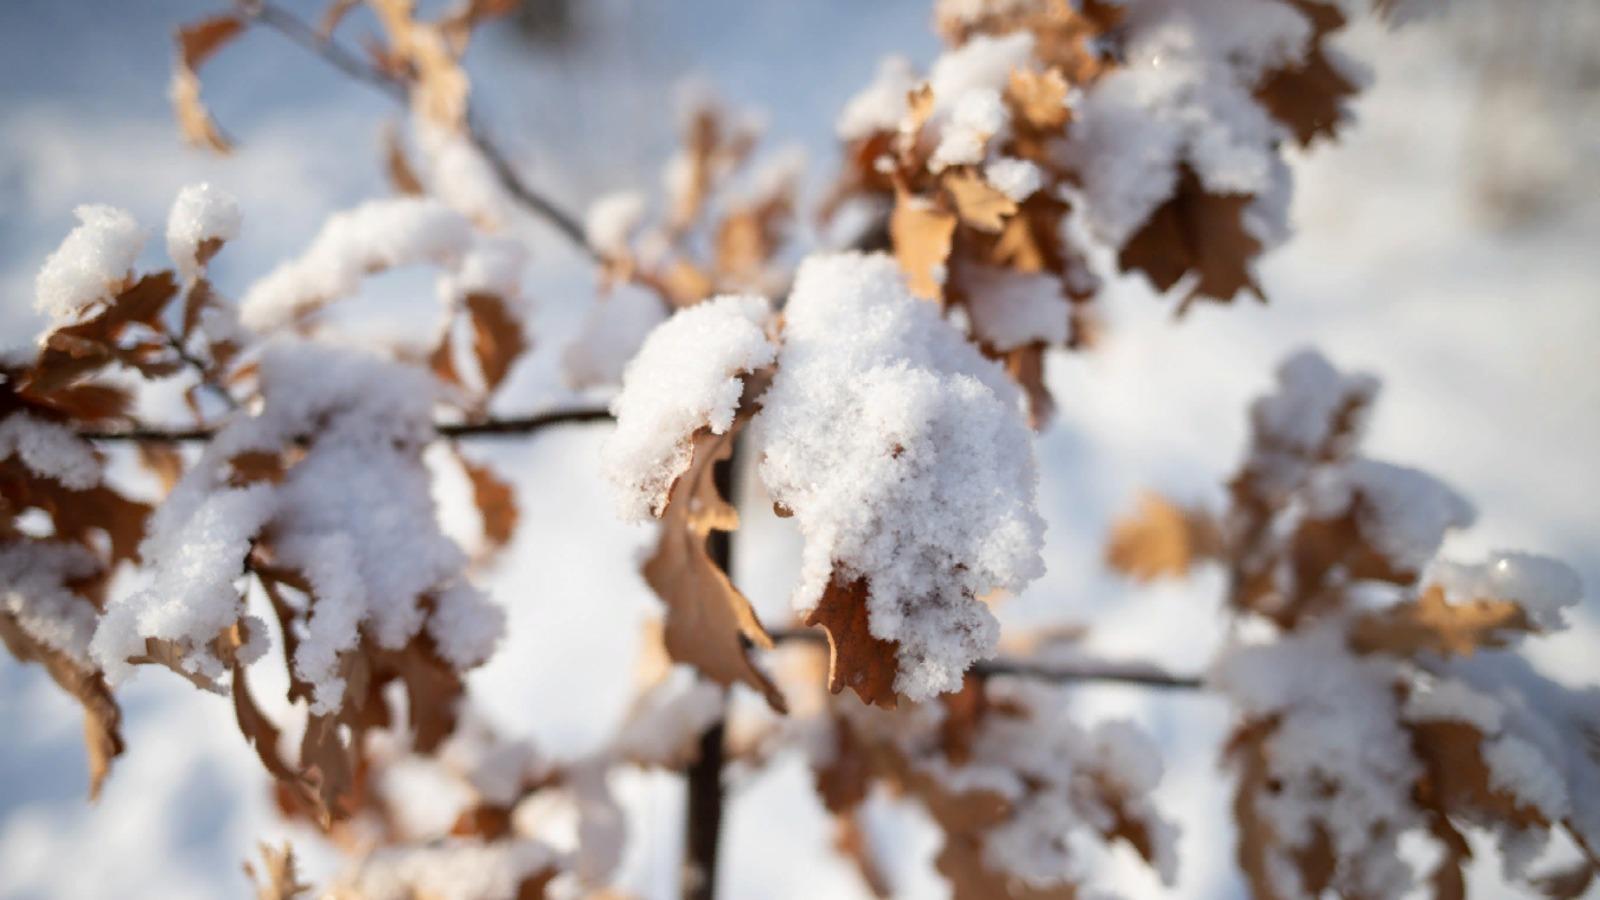 Погода в Казахстане: сильные морозы ожидаются в ряде областей